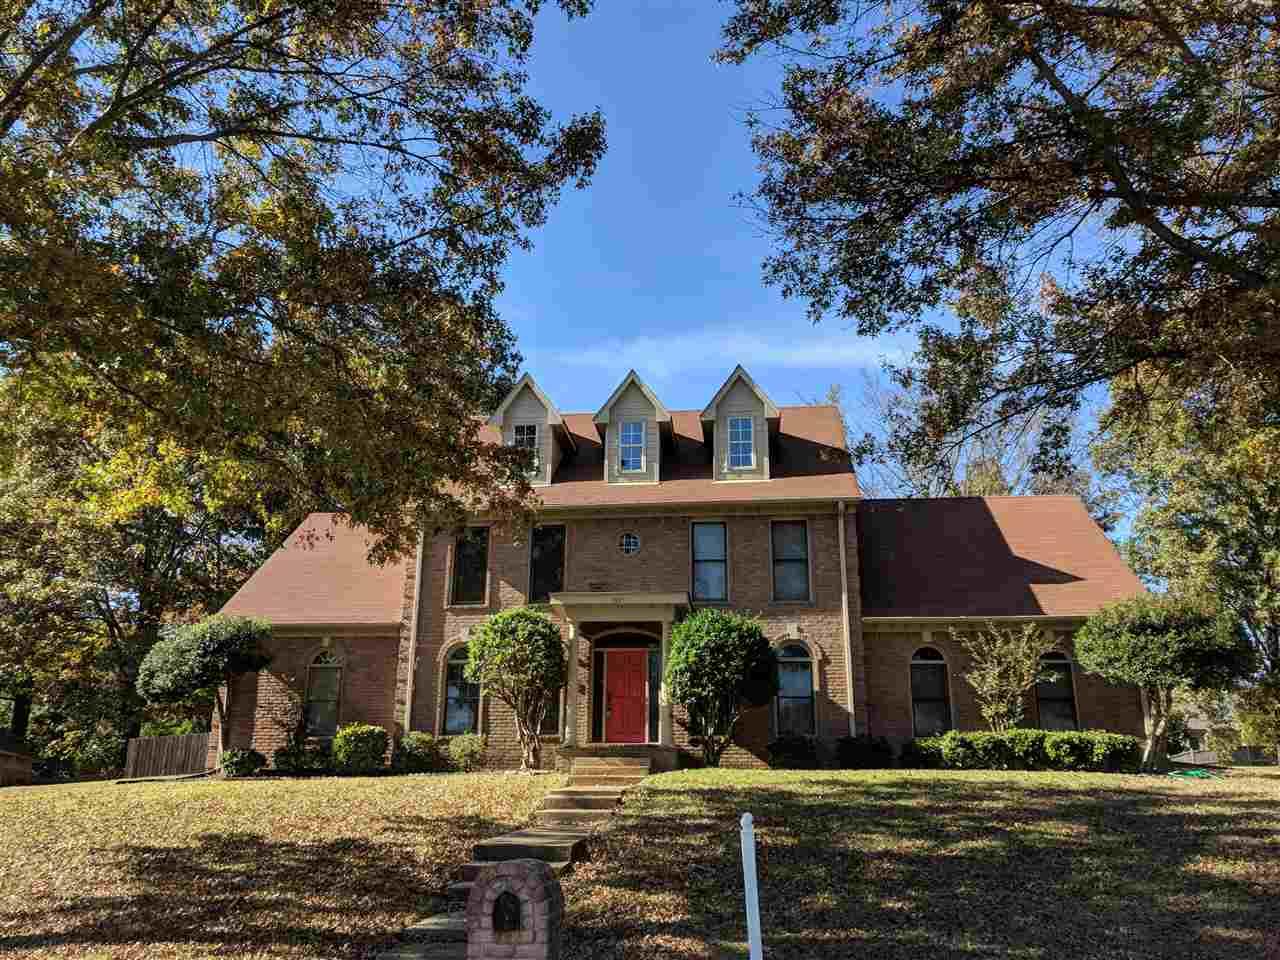 2617 Sweet Oaks Germantown, TN 38138 - MLS #: 10010946